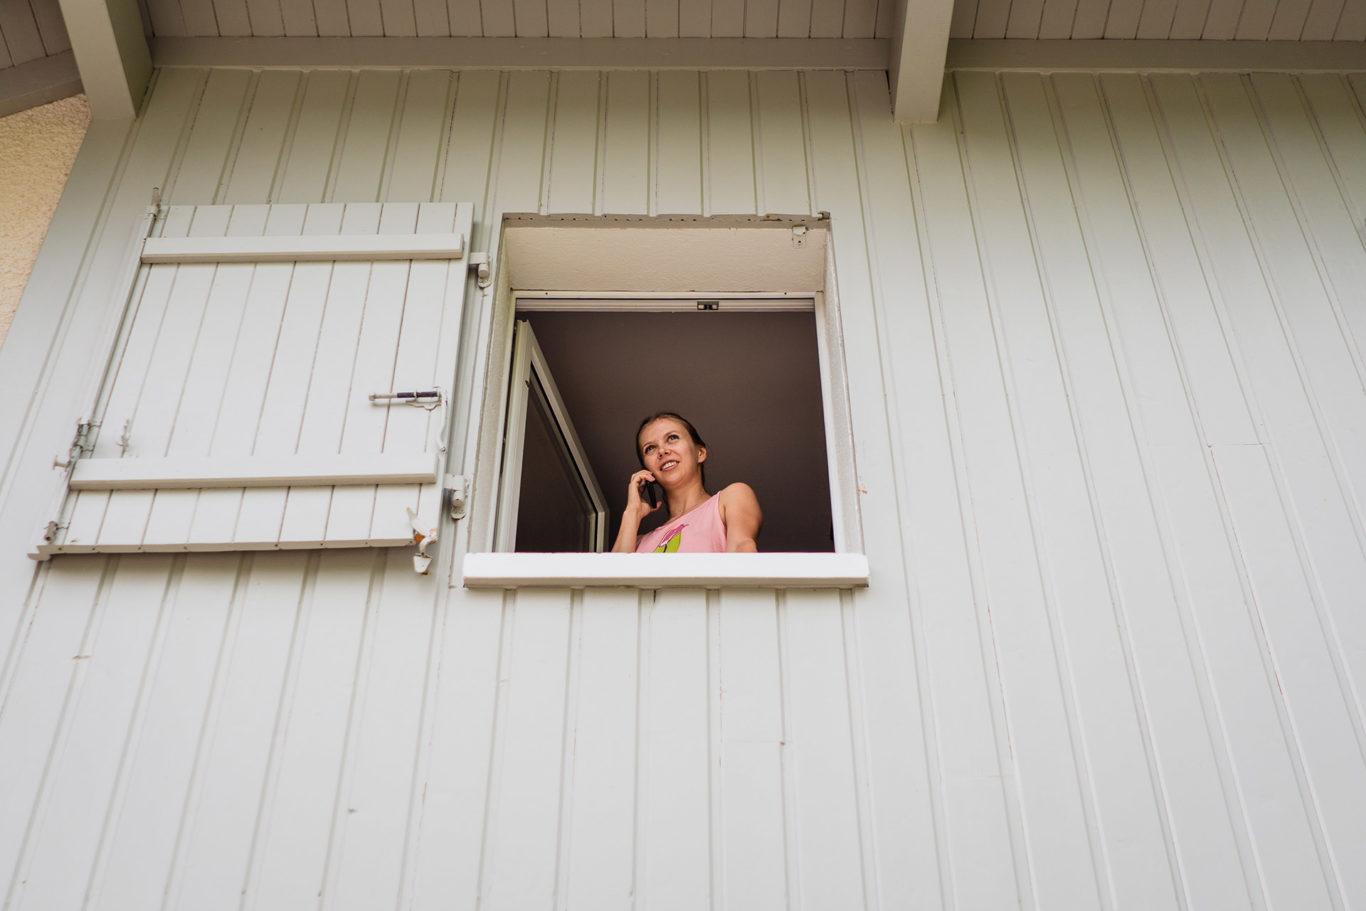 Unde sunteti! Mireasa la geam!